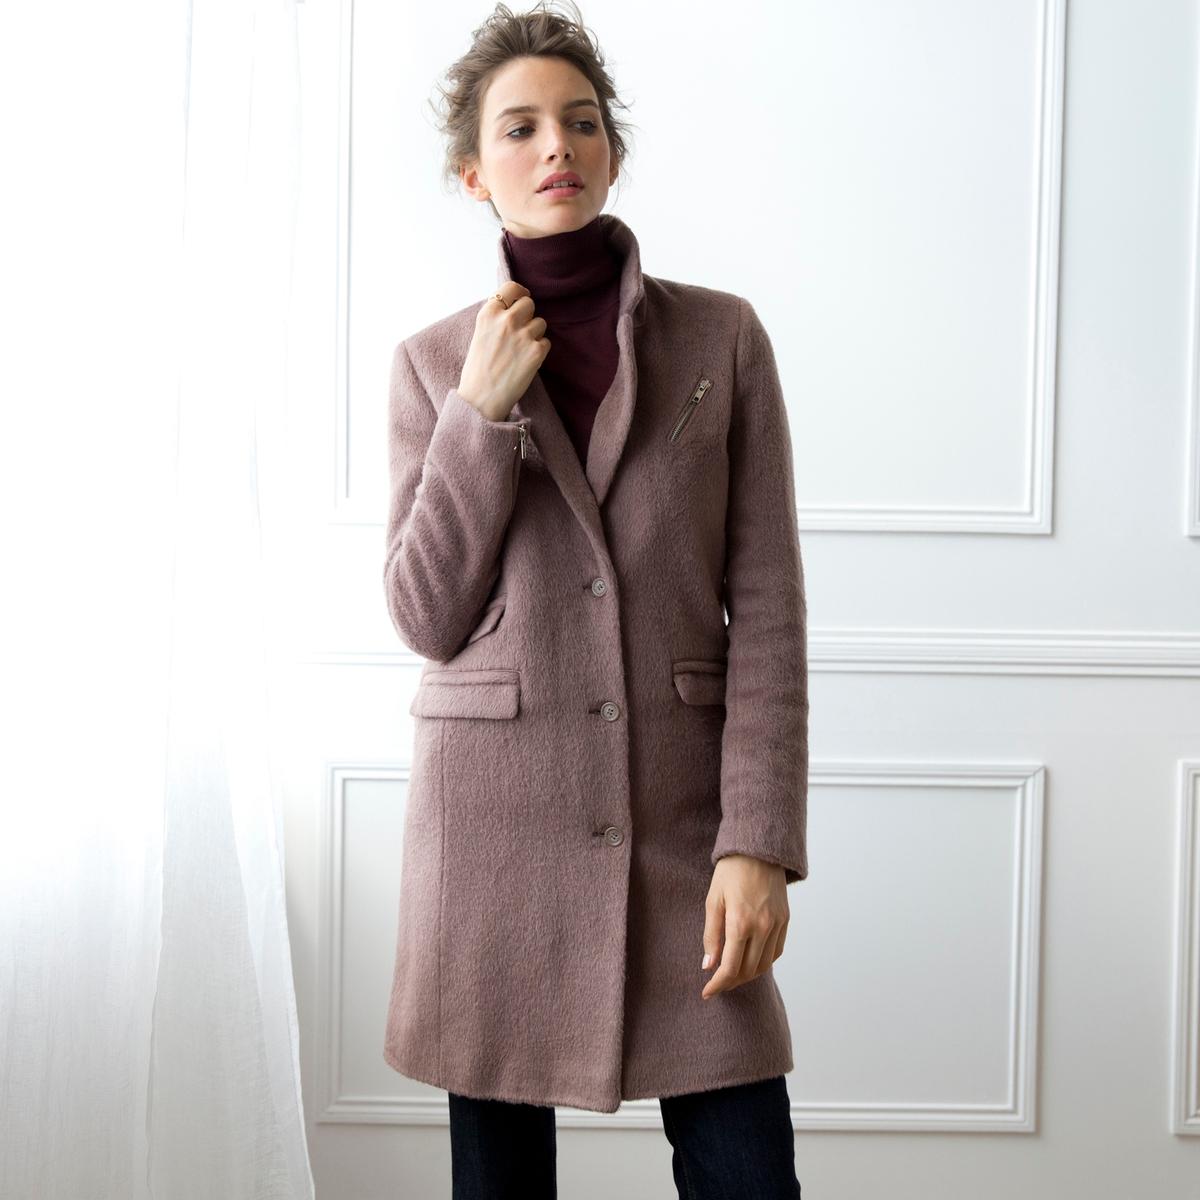 ПальтоПальто из 32% шерсти, 32% акрила, 21% полиэстера, 10% мохера, 5% других волокон. Застежка на пуговицы. 3 кармана по бокам. Подкладка из твила, 100% полиэстера. Длина 90 см.<br><br>Цвет: розовый меланж<br>Размер: 48 (FR) - 54 (RUS).46 (FR) - 52 (RUS)